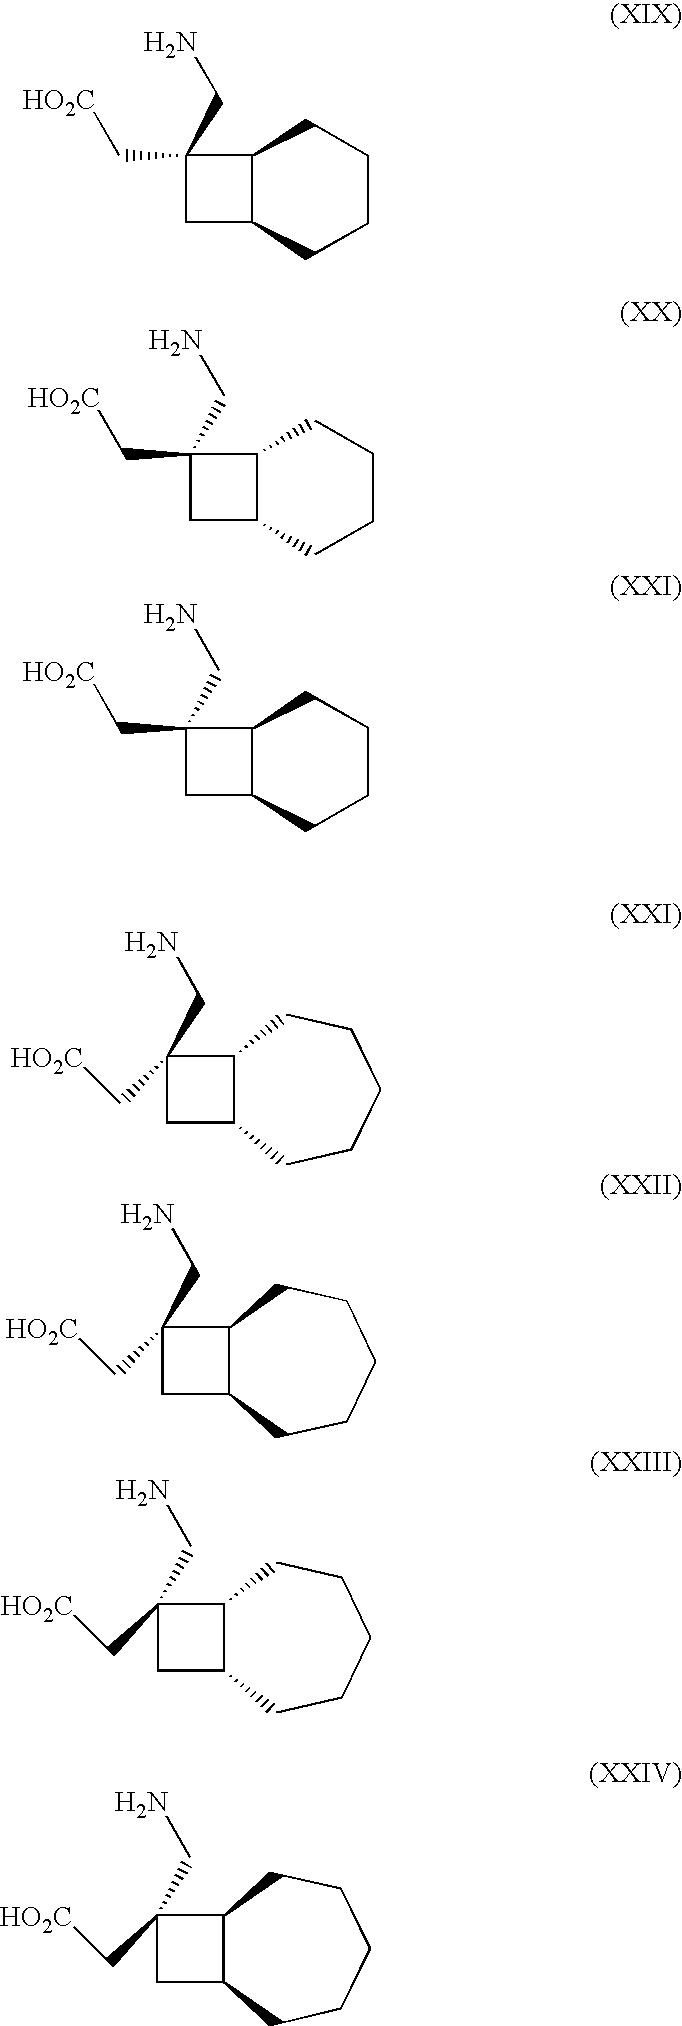 Figure US20060247311A1-20061102-C00013